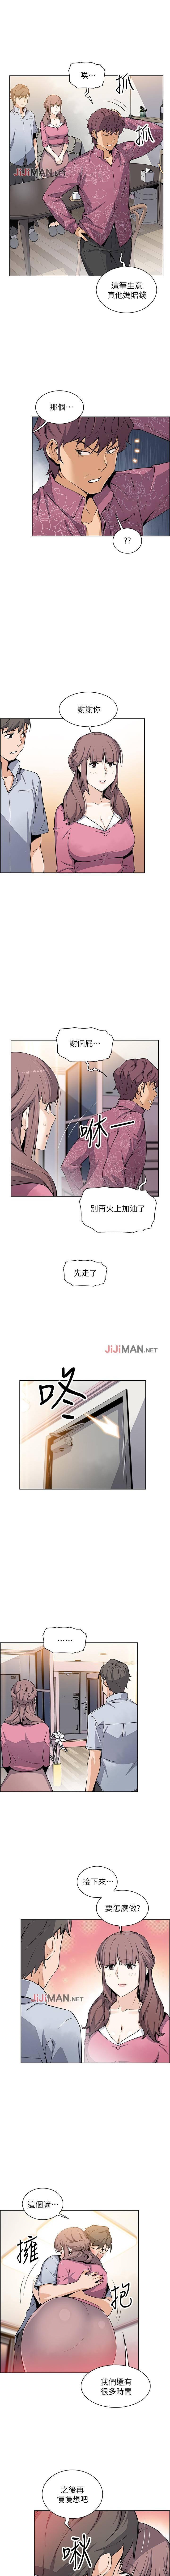 【周四连载】前女友变女佣(作者:PAPER&頸枕) 第1~33话 192